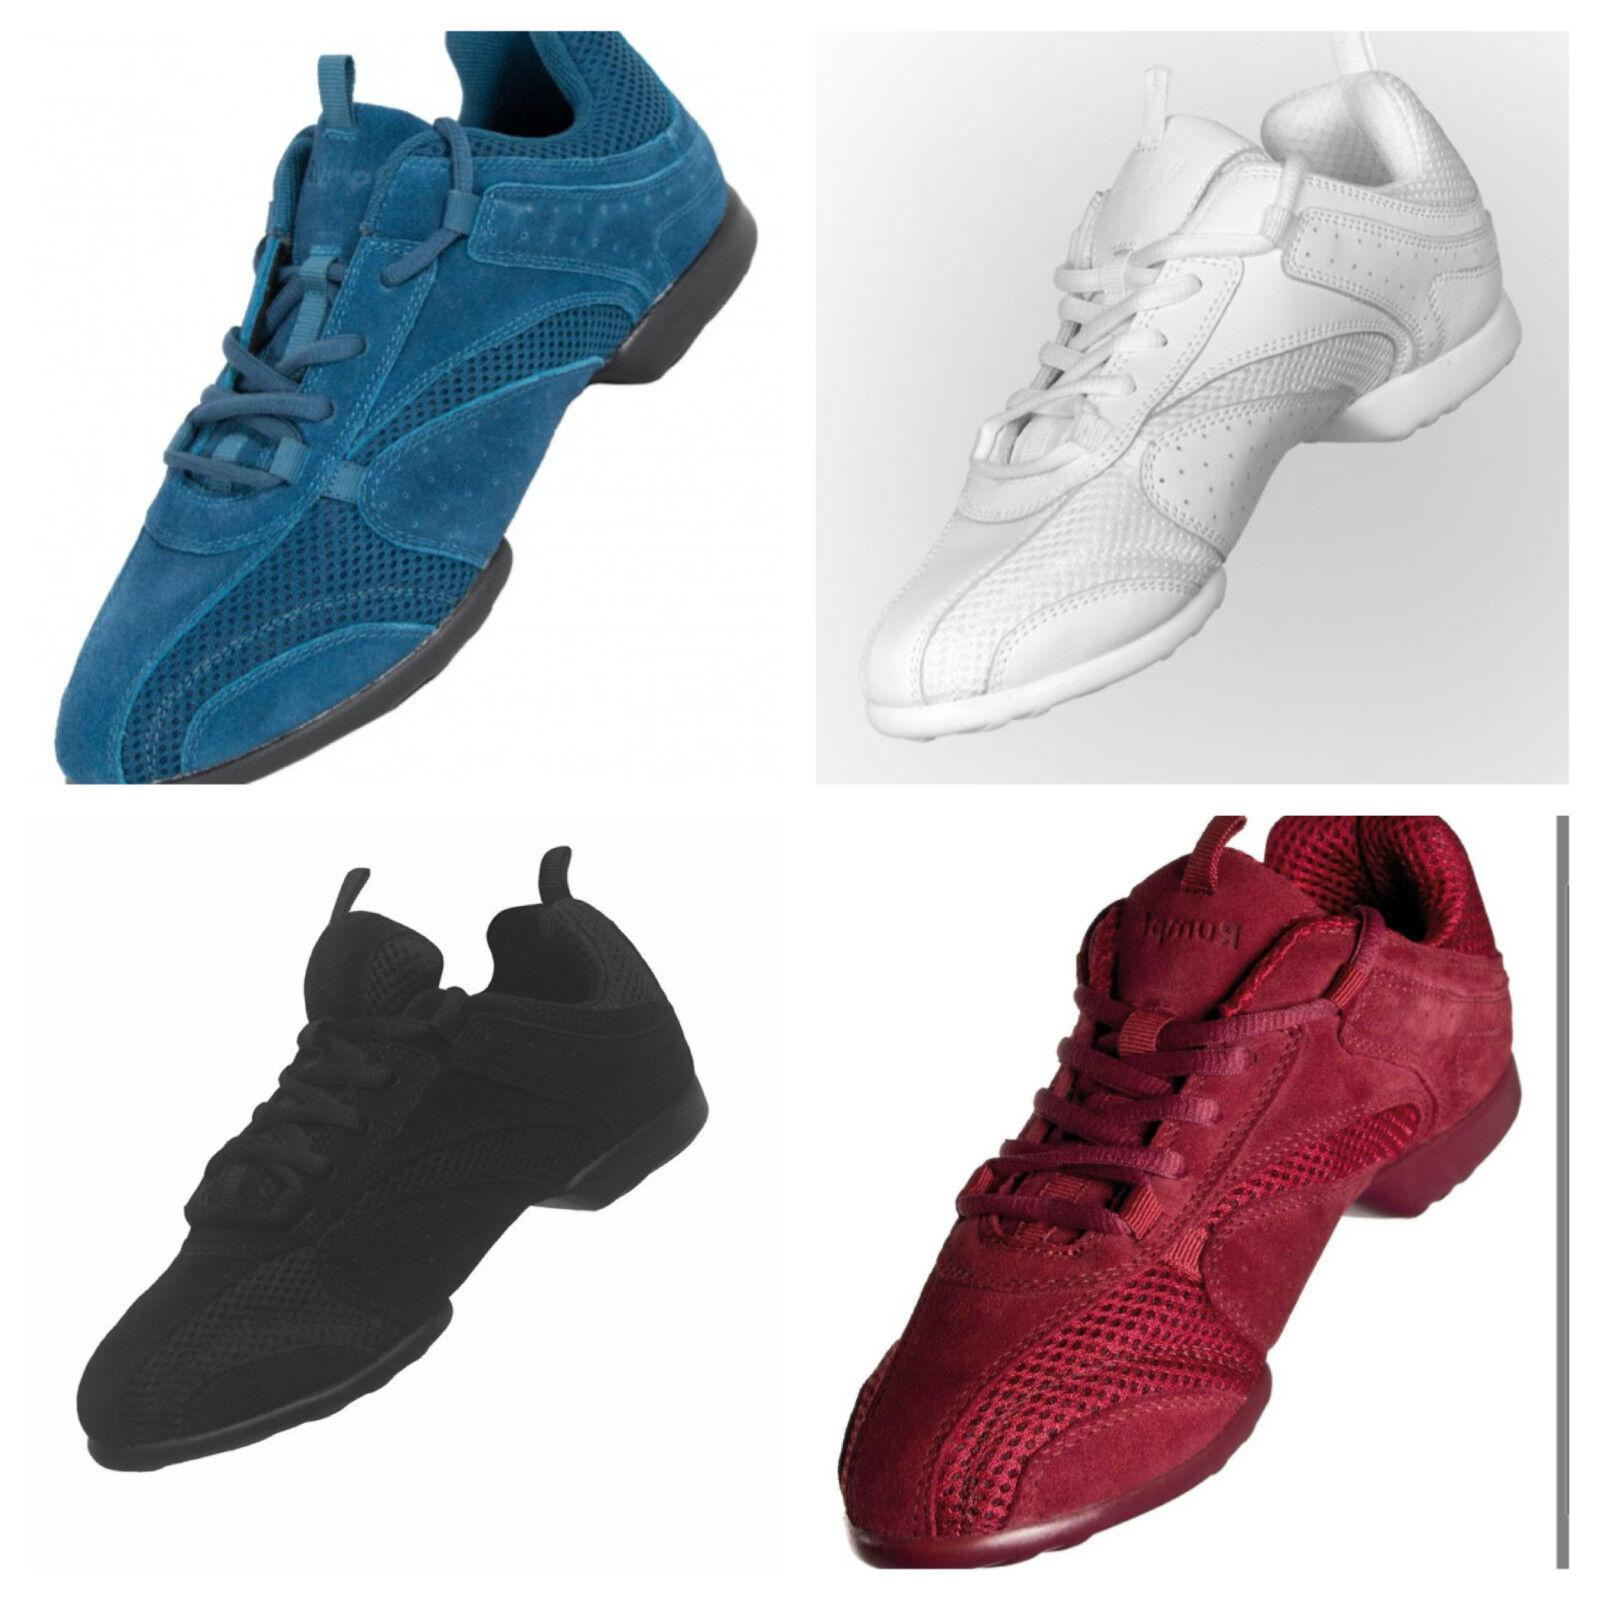 Rumpf Tanzschuhe Sneaker Test Vergleich +++ Rumpf Tanzschuhe